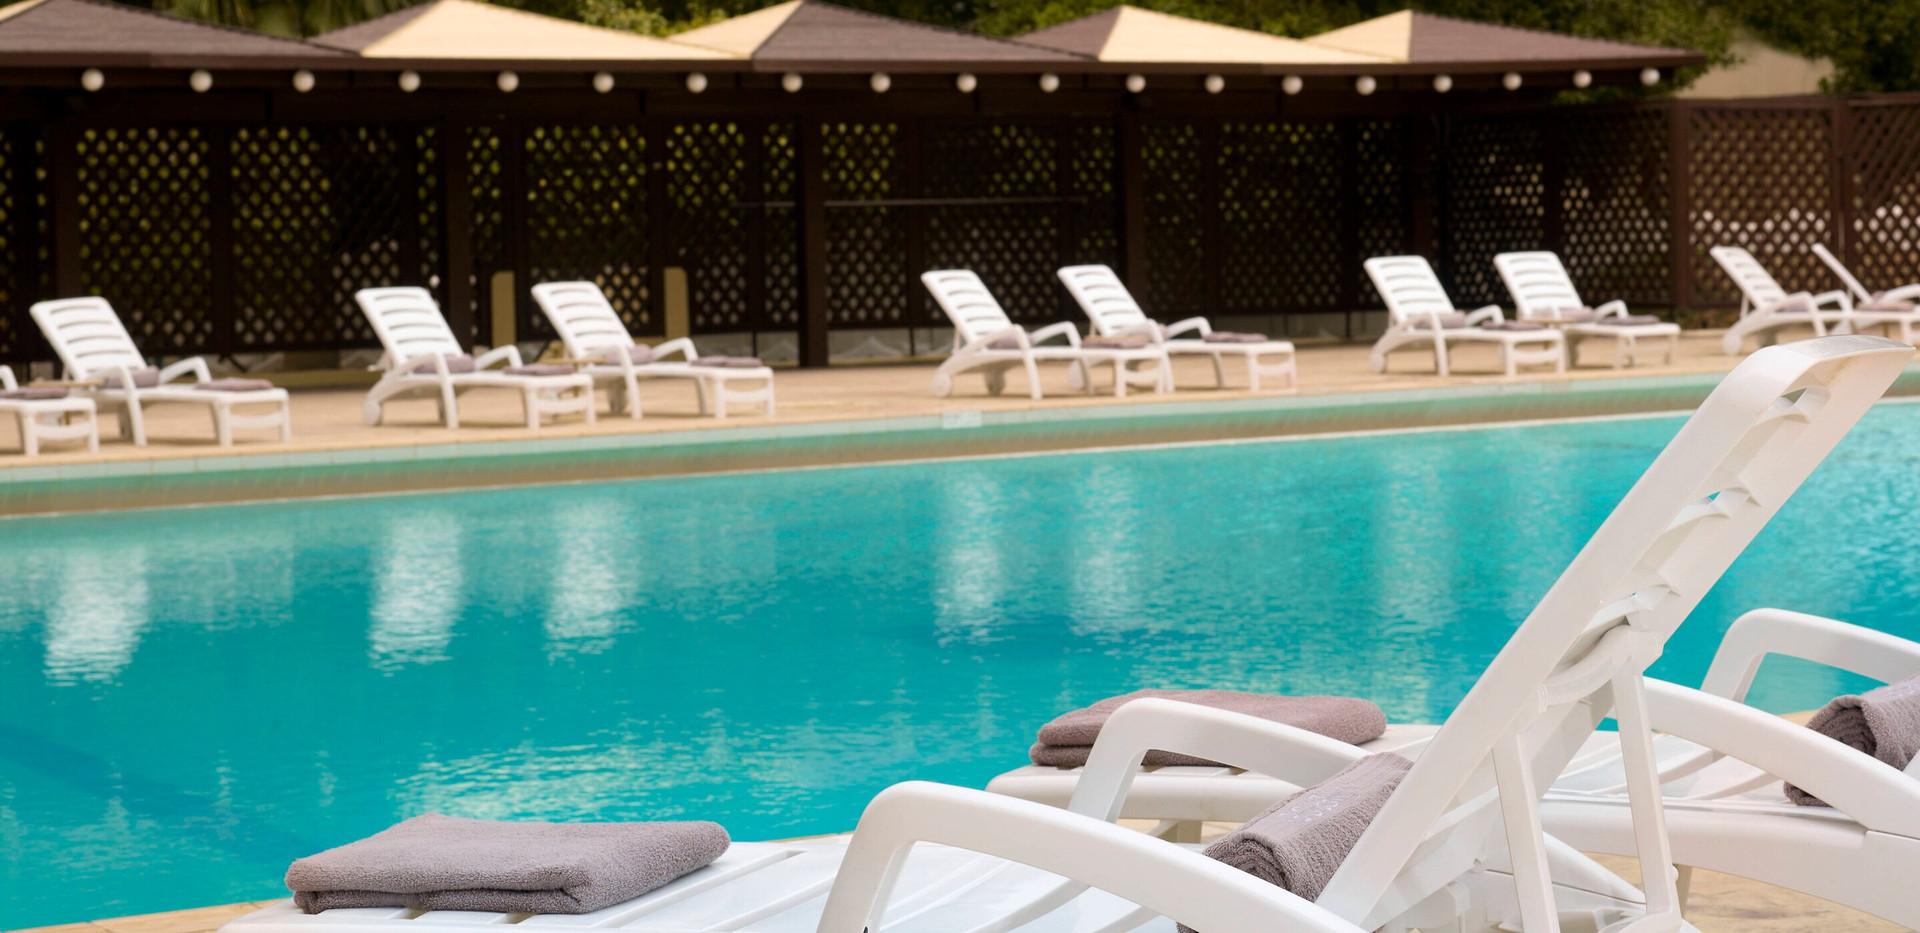 dhamd-pool-9826-hor-wide.jpg